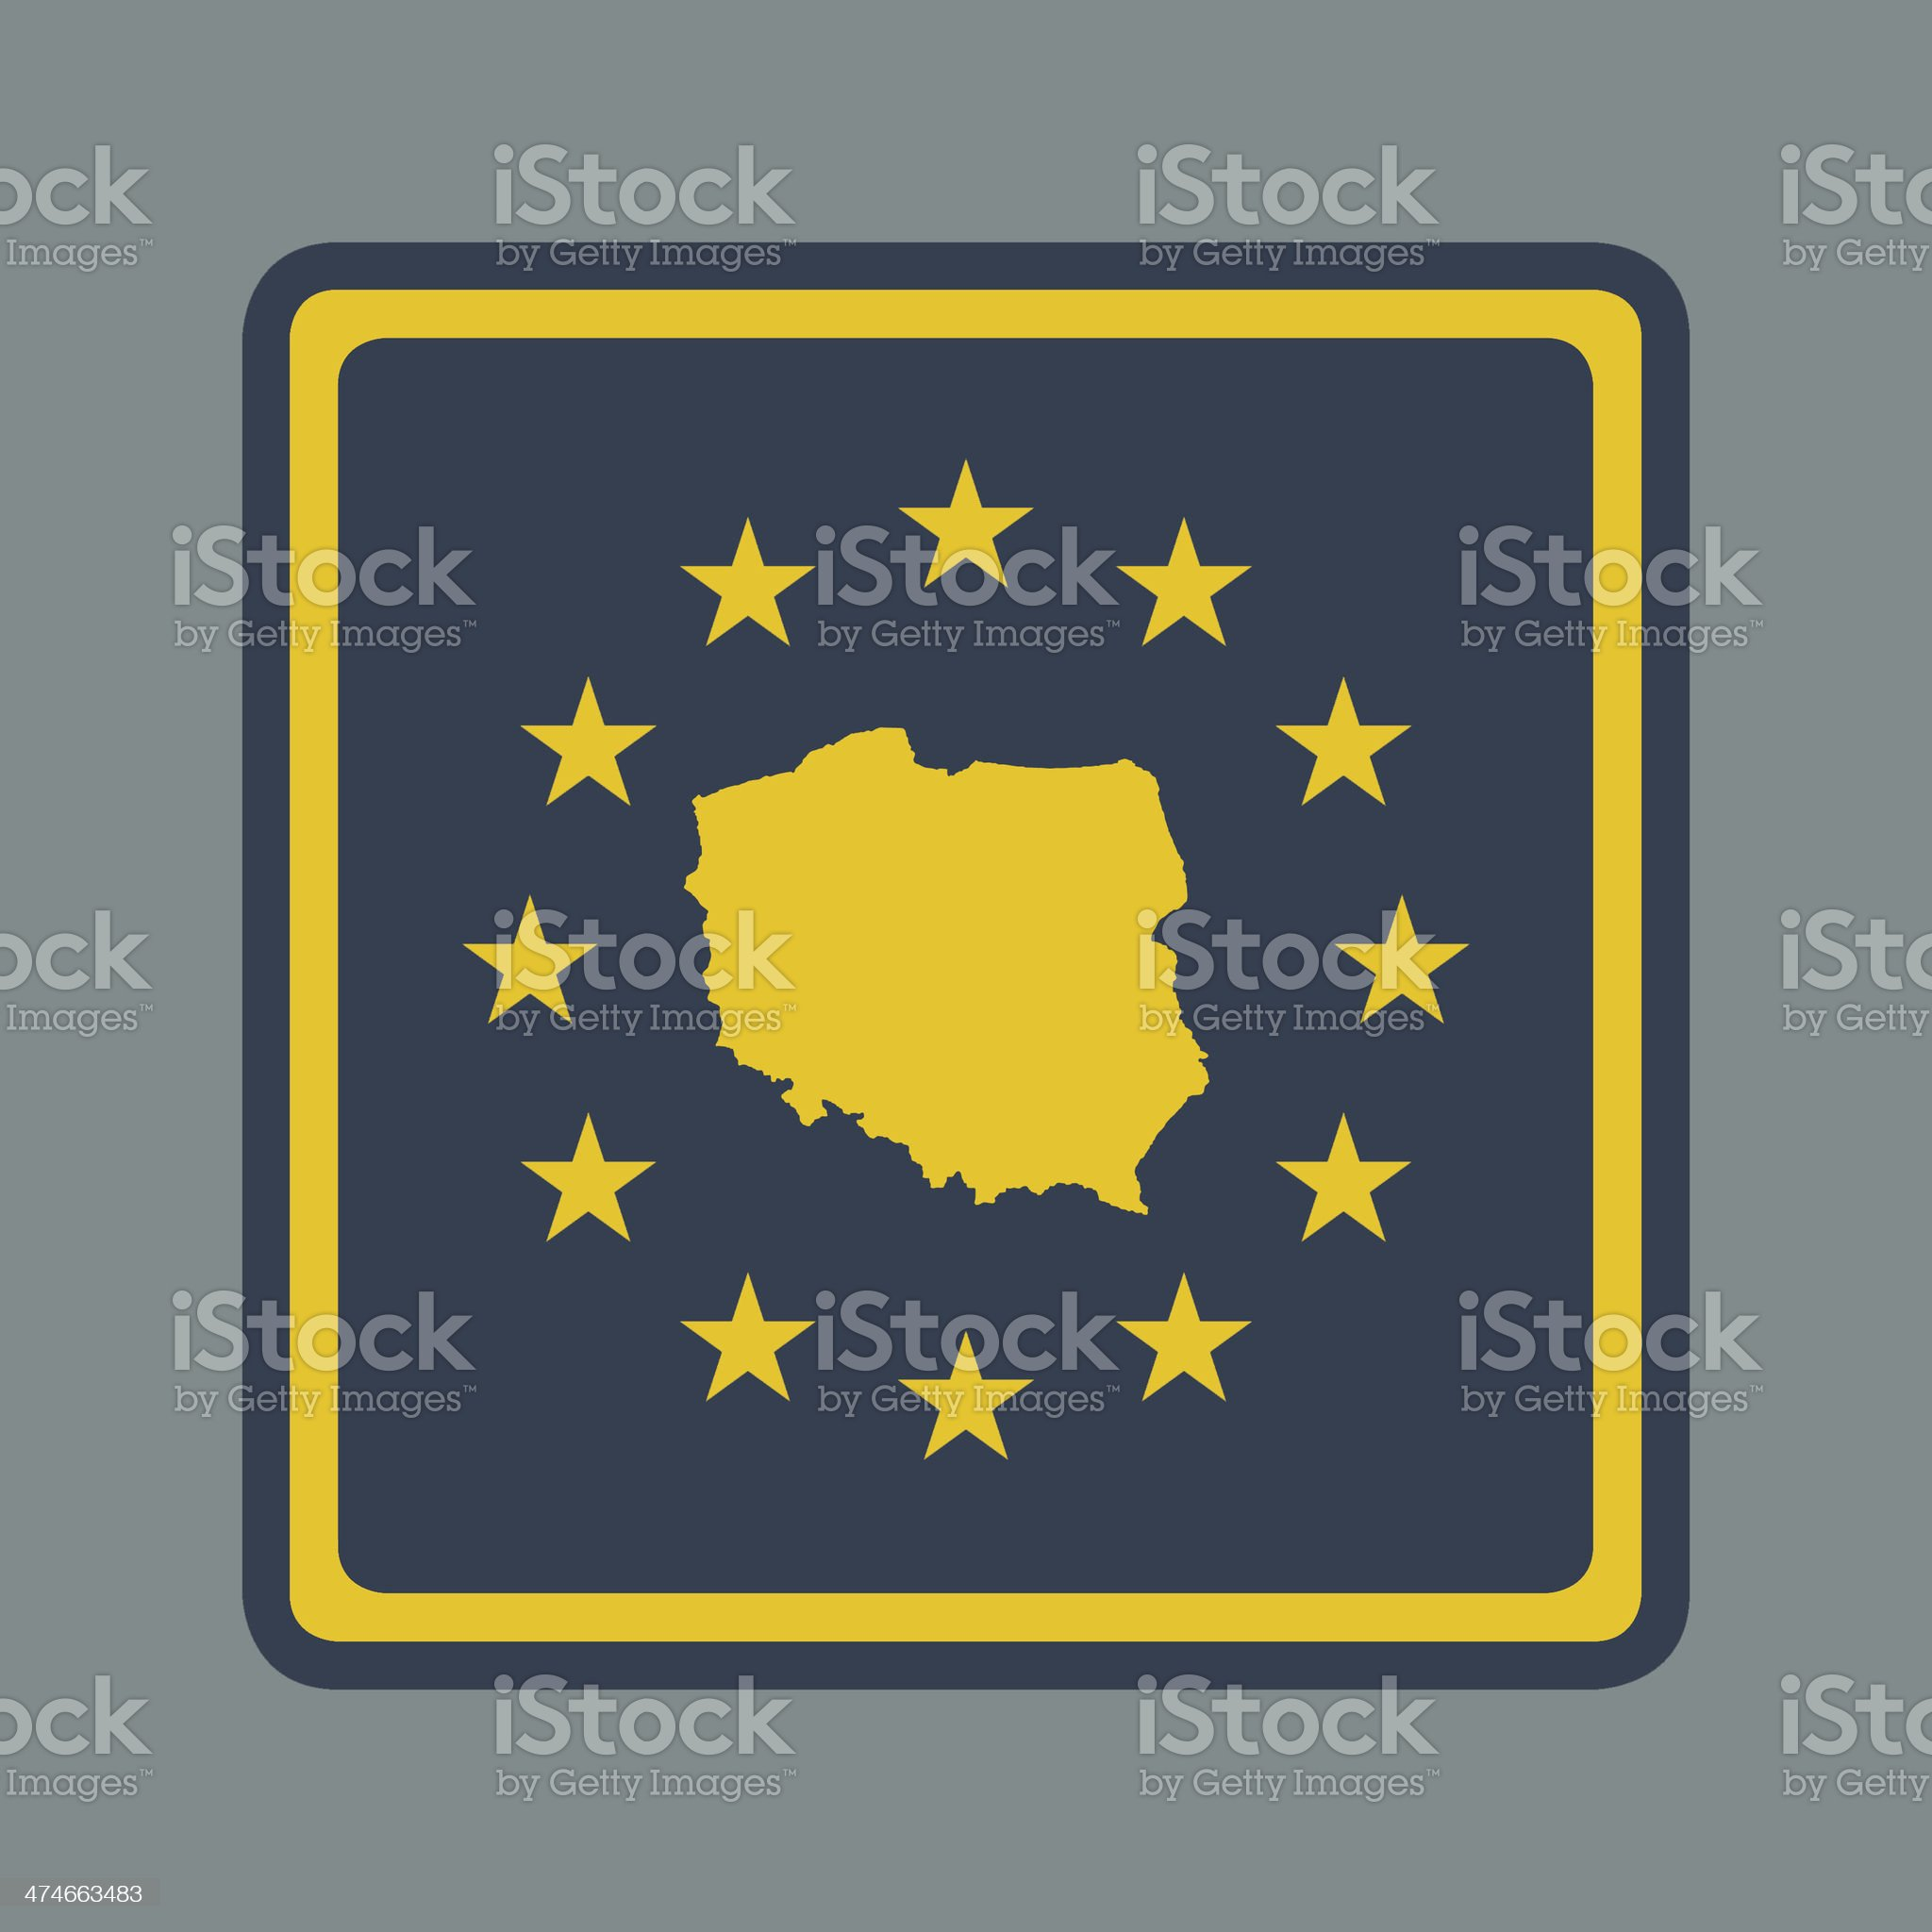 Poland European flag button royalty-free stock vector art